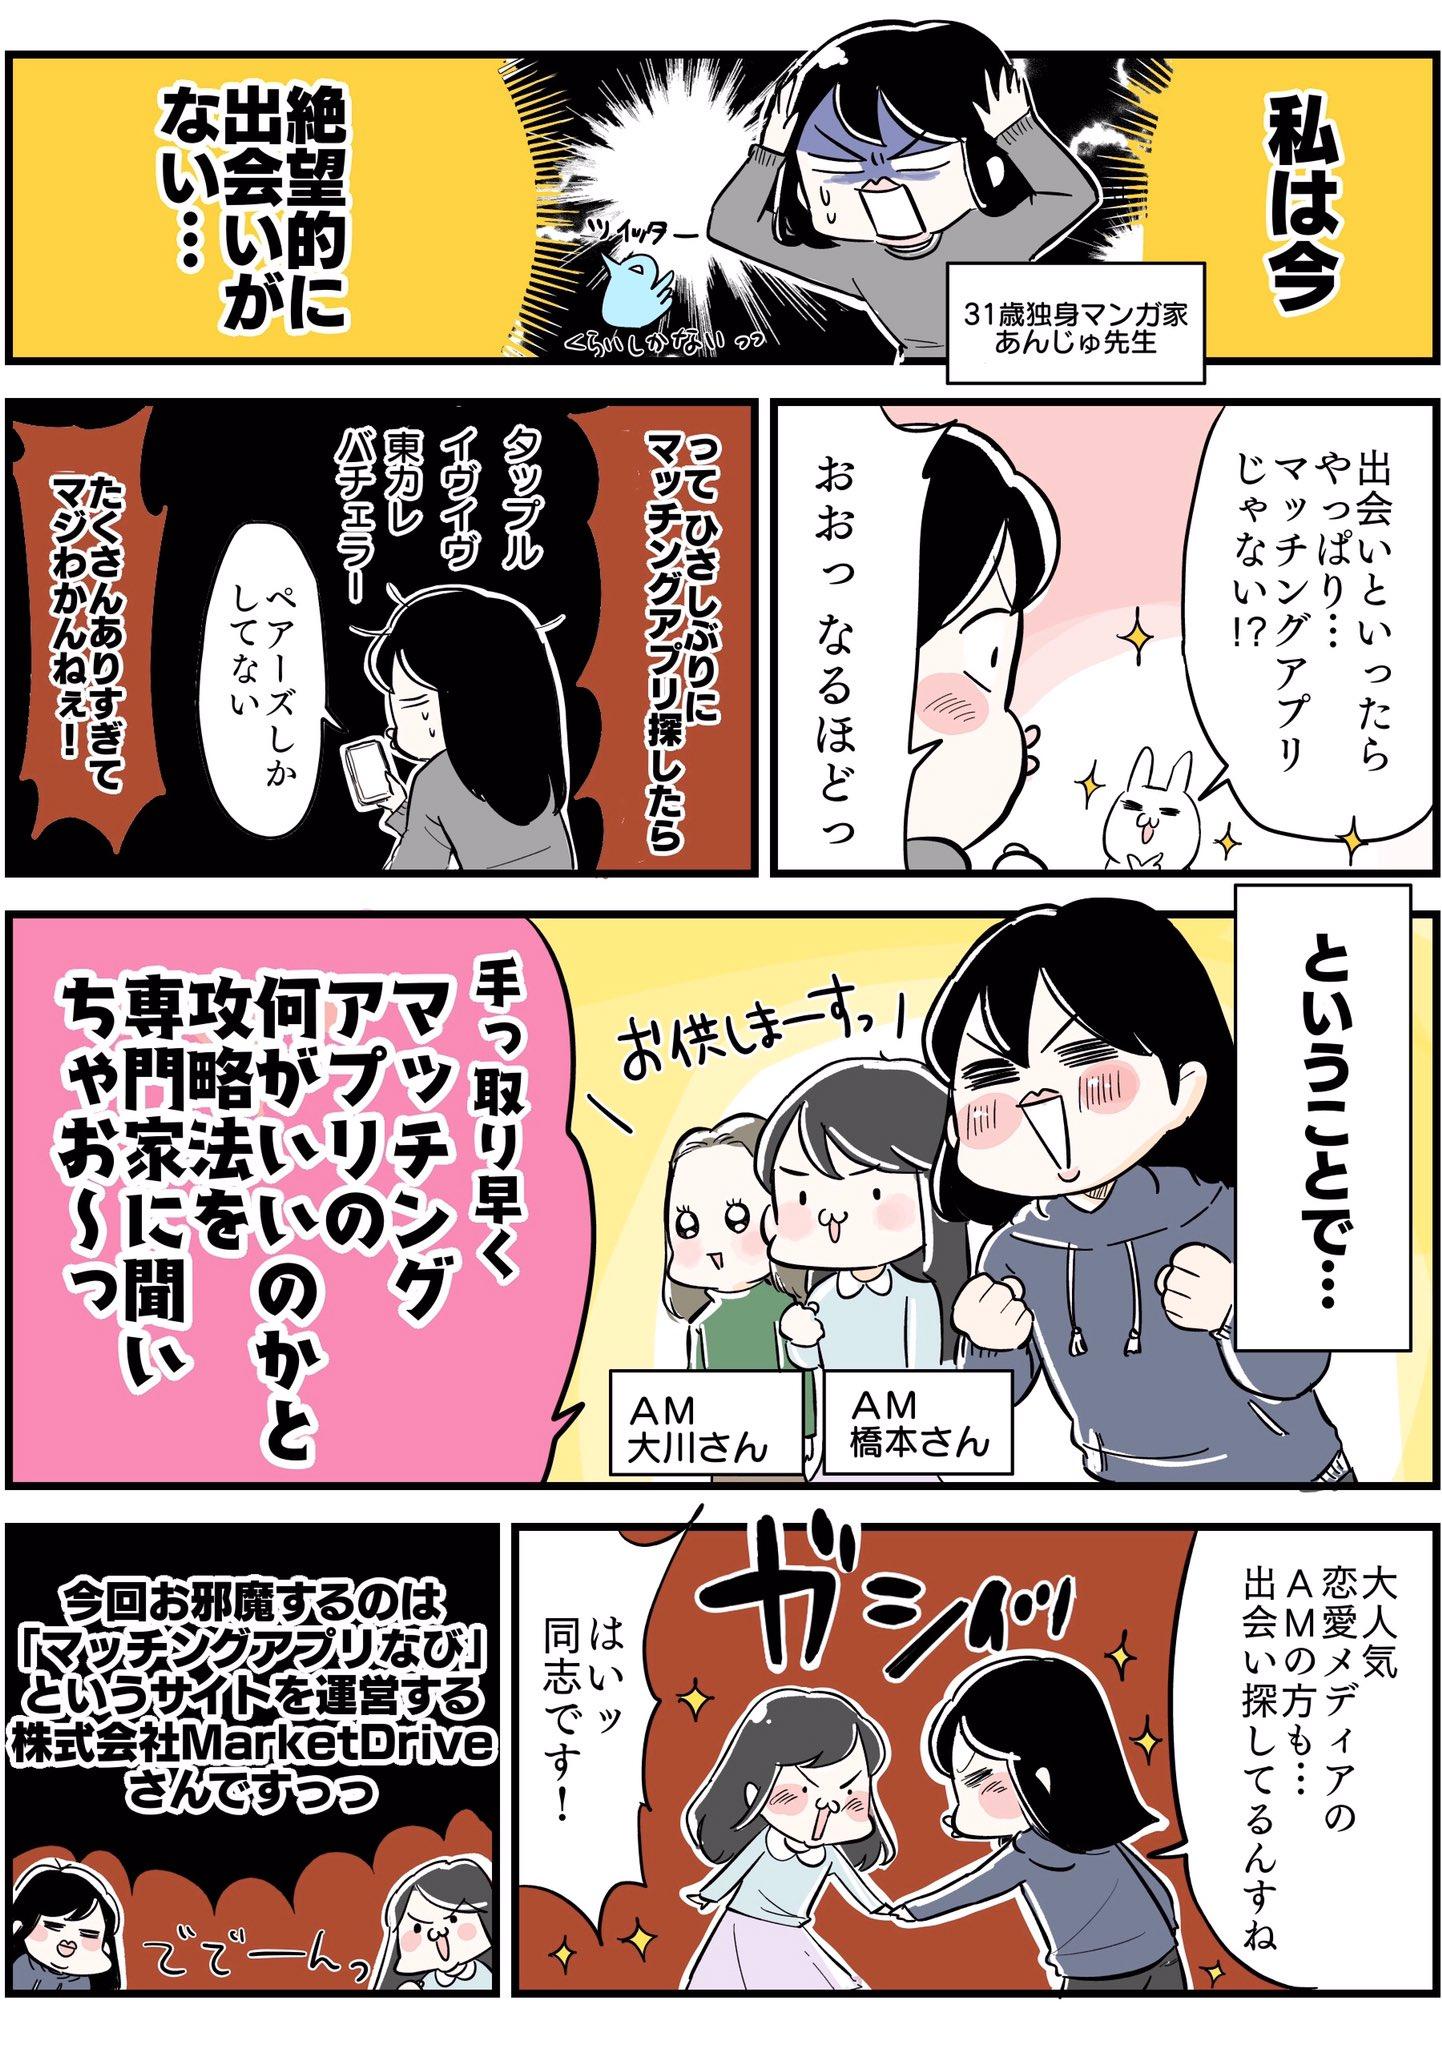 マッチングアプリなび あんじゅ先生 取材漫画1